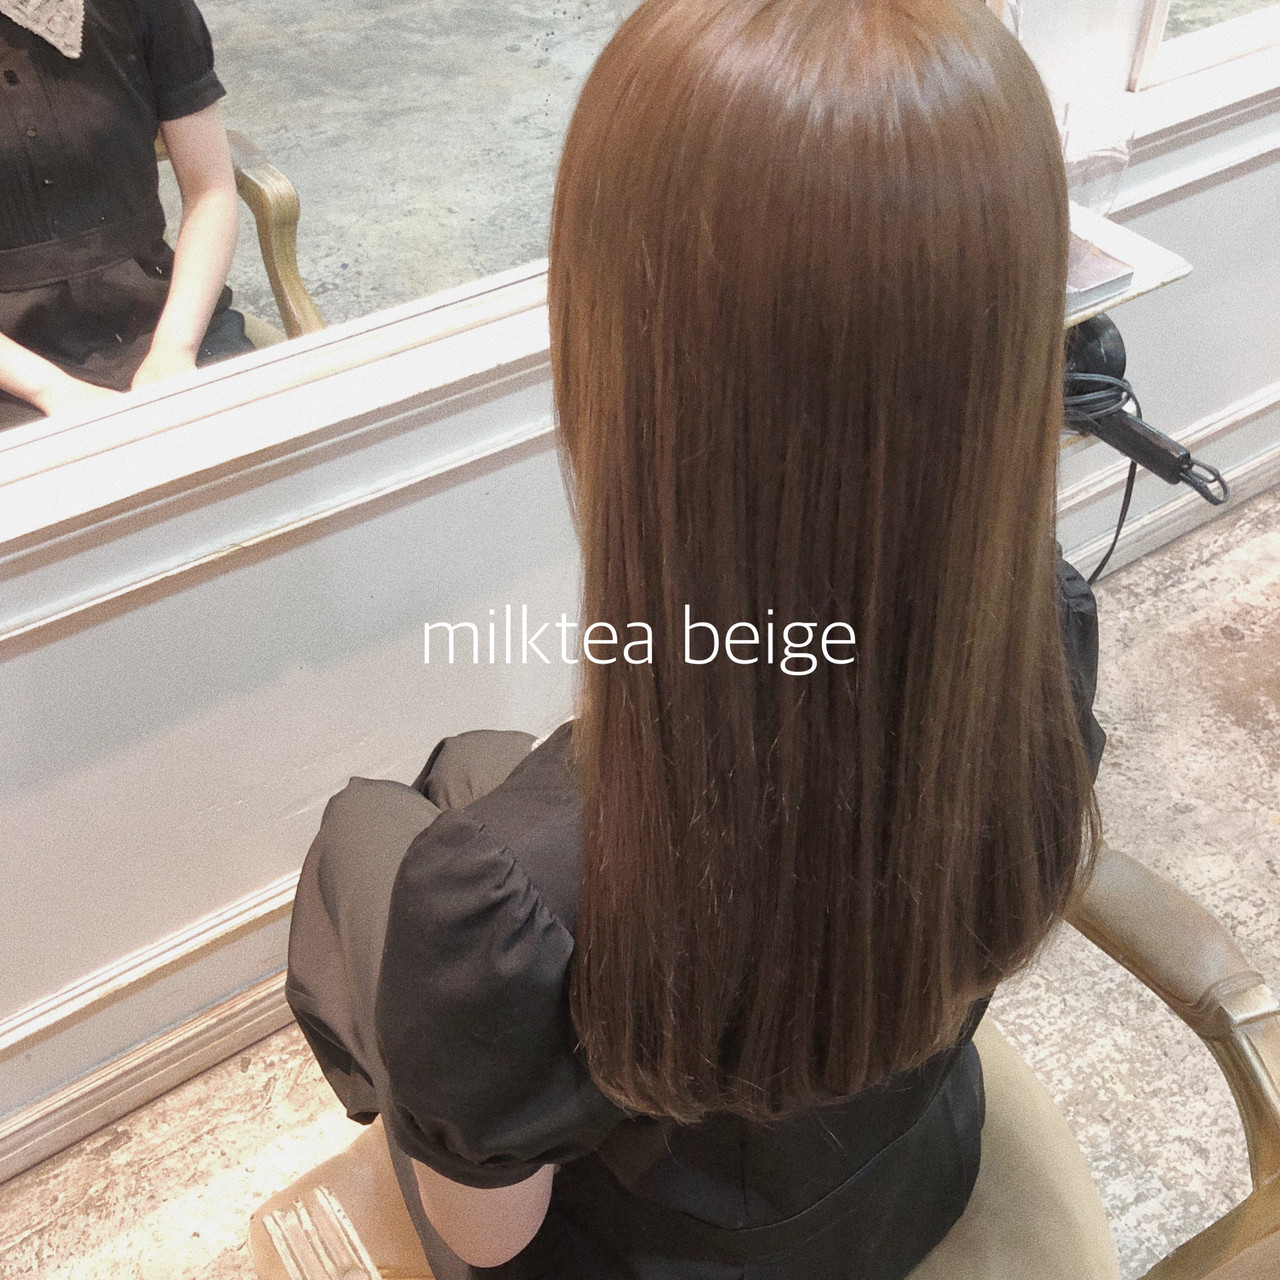 ヌーディベージュ シアーベージュ ナチュラル ミルクティーベージュ ヘアスタイルや髪型の写真・画像 | ikeo gaku / H-eitf